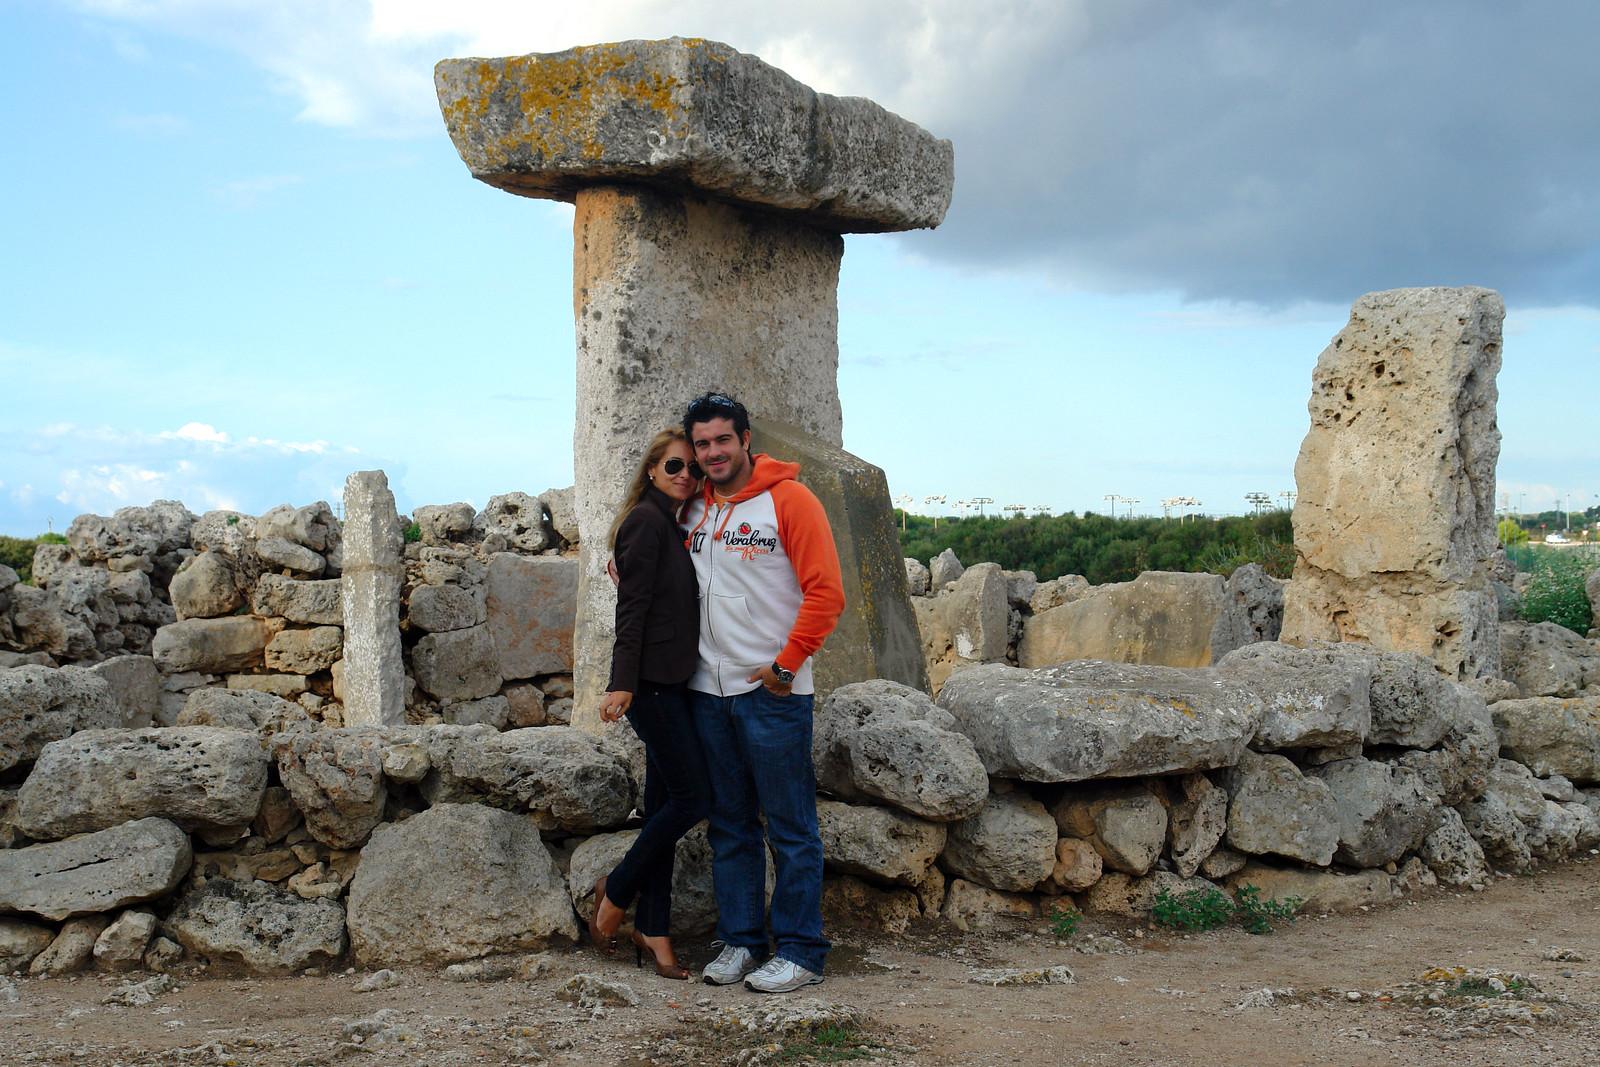 Qué ver en Menorca, Islas Baleares - thewotme qué ver en menorca - 50046236728 f034286ed2 h - Qué ver en Menorca, lugares a NO perderse